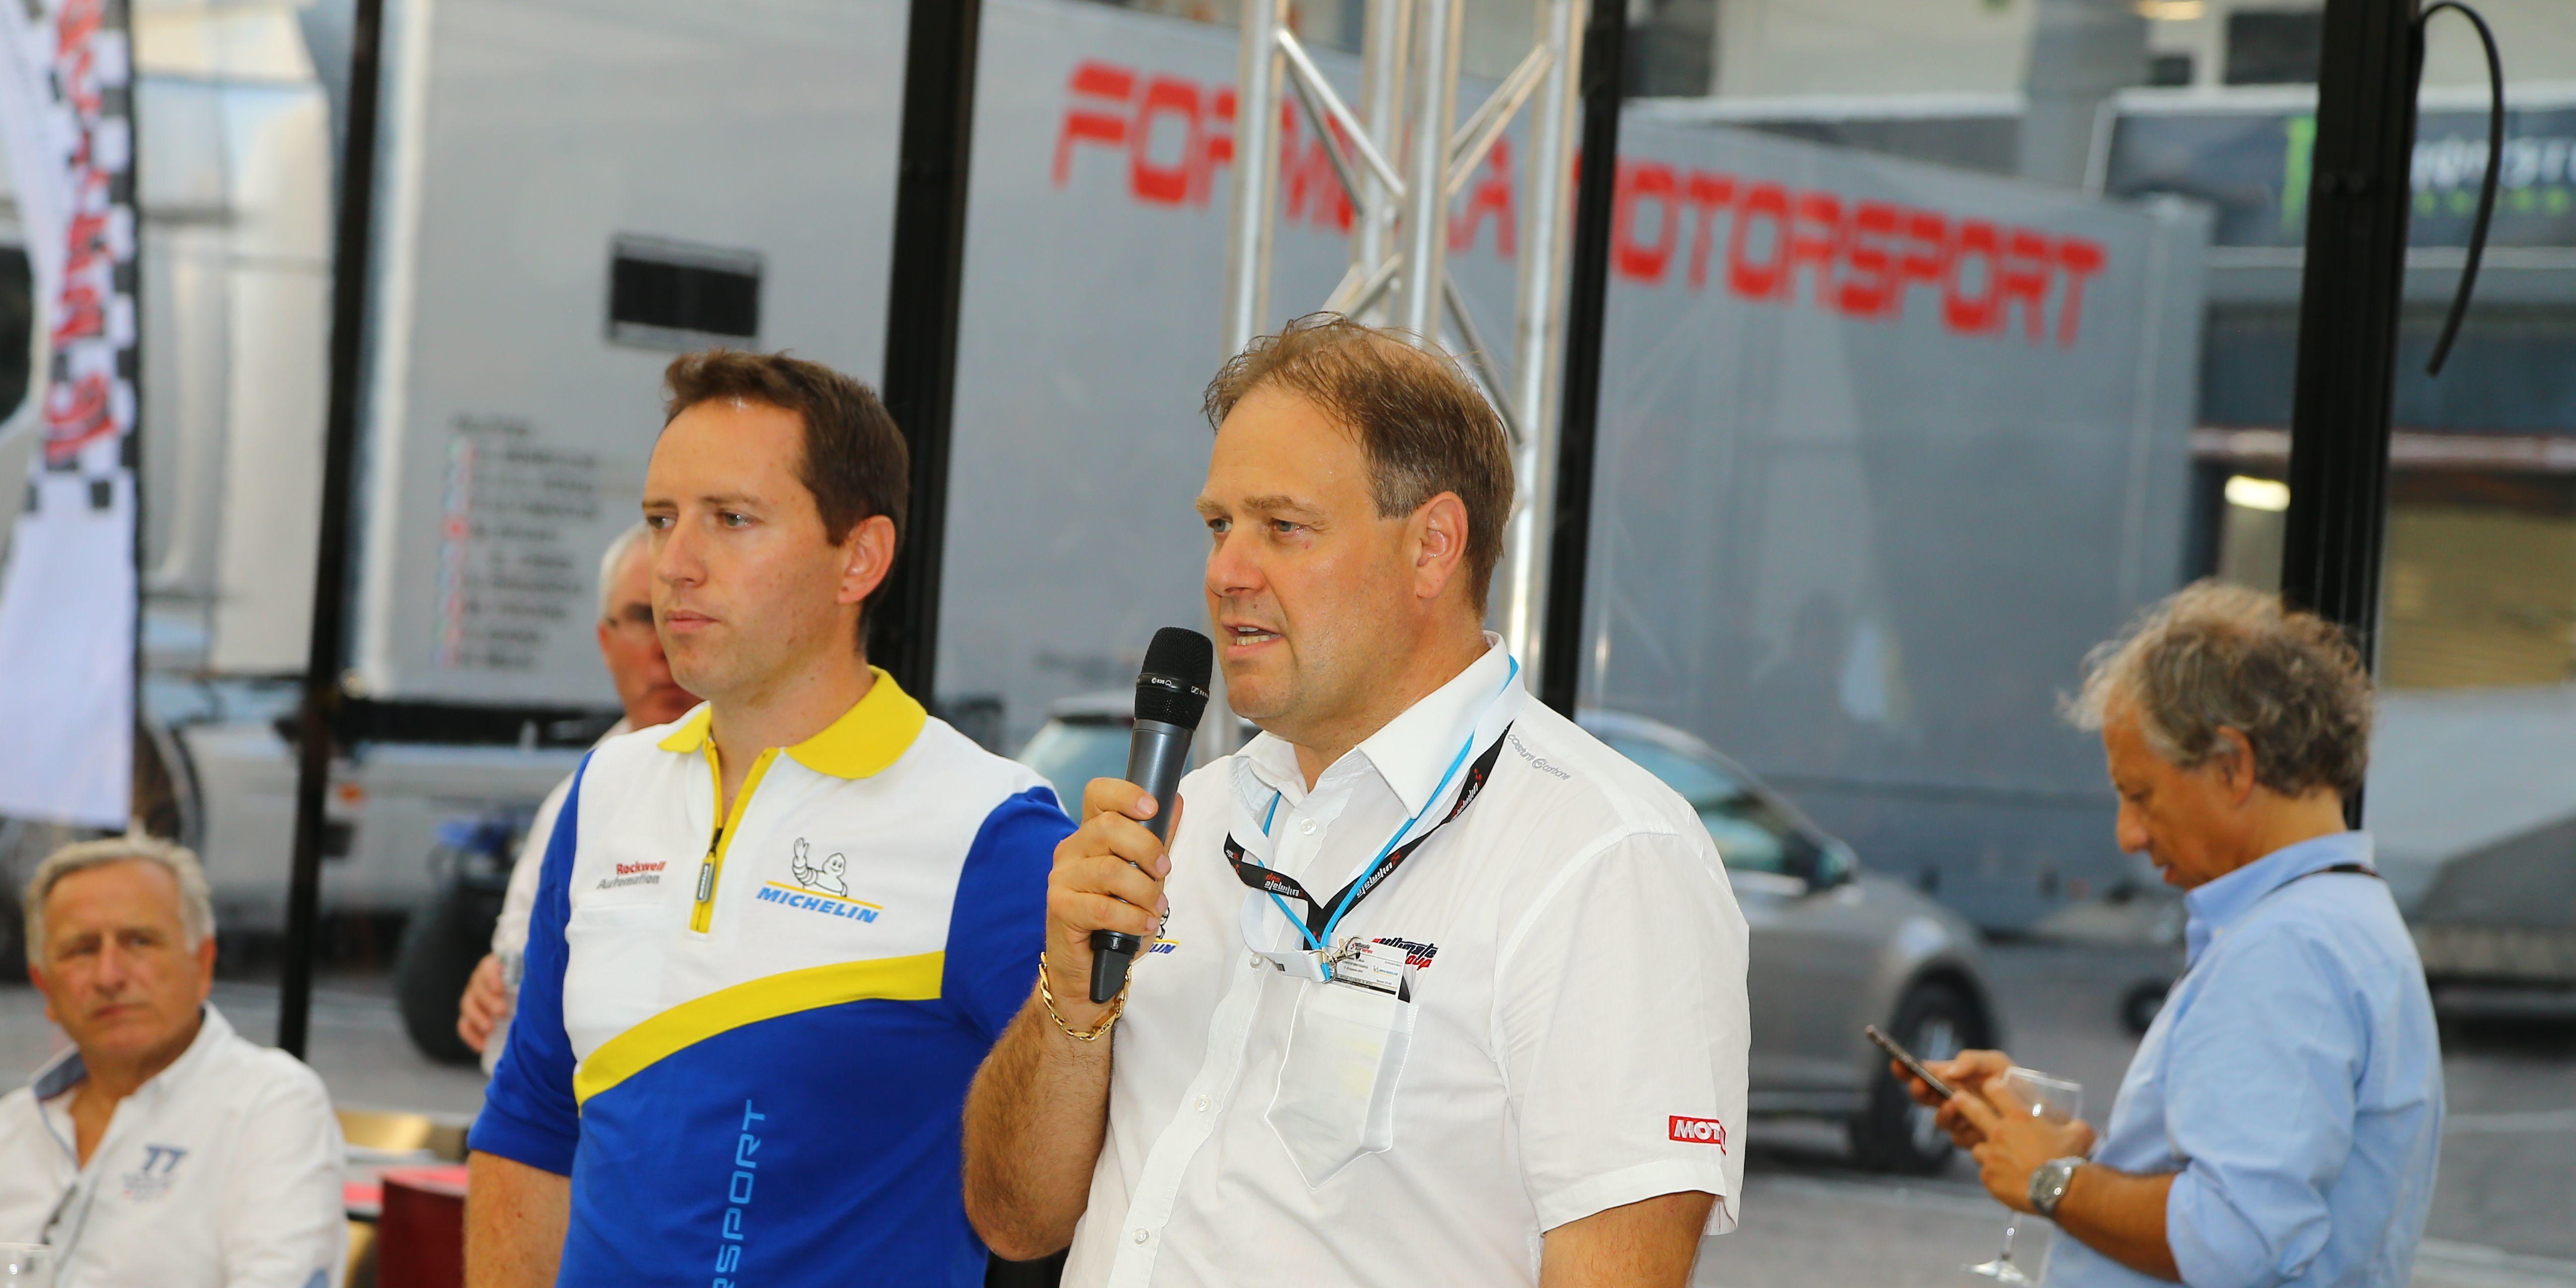 Calendrier Magny Cours 2020.L Ultimate Cup Series En Route Pour 2020 Le Mans Au Calendrier